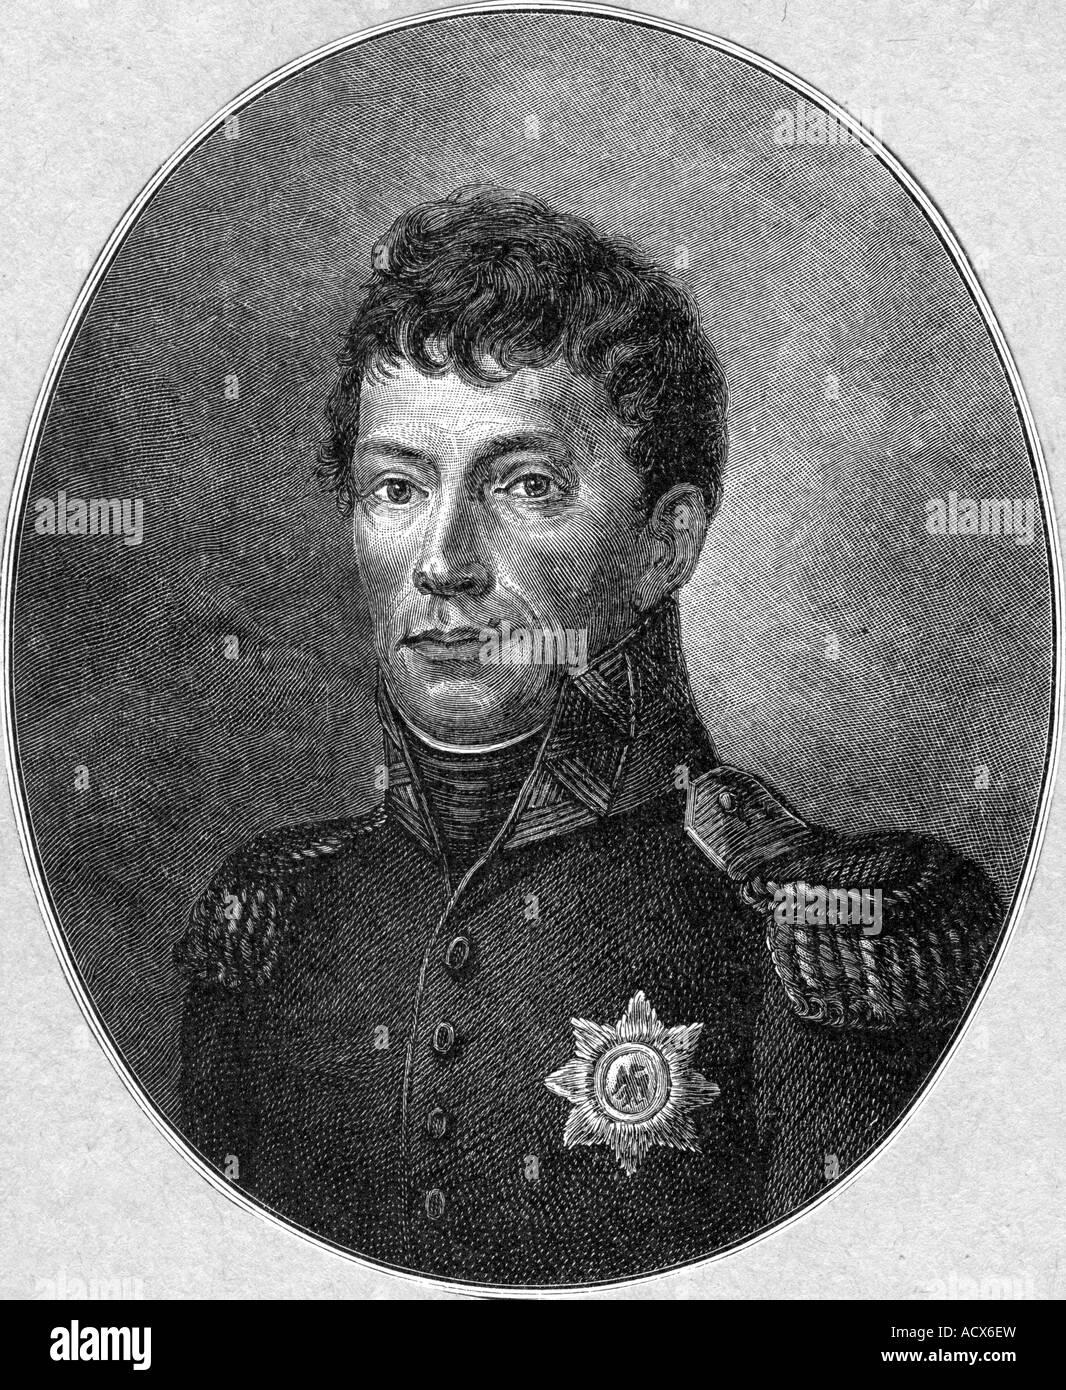 Guillermo I, 24.8.1772 - 12.12.1843, Rey de los Países Bajos 16.3.1814 - 7.10.1840, retrato, grabado por W. Imagen De Stock